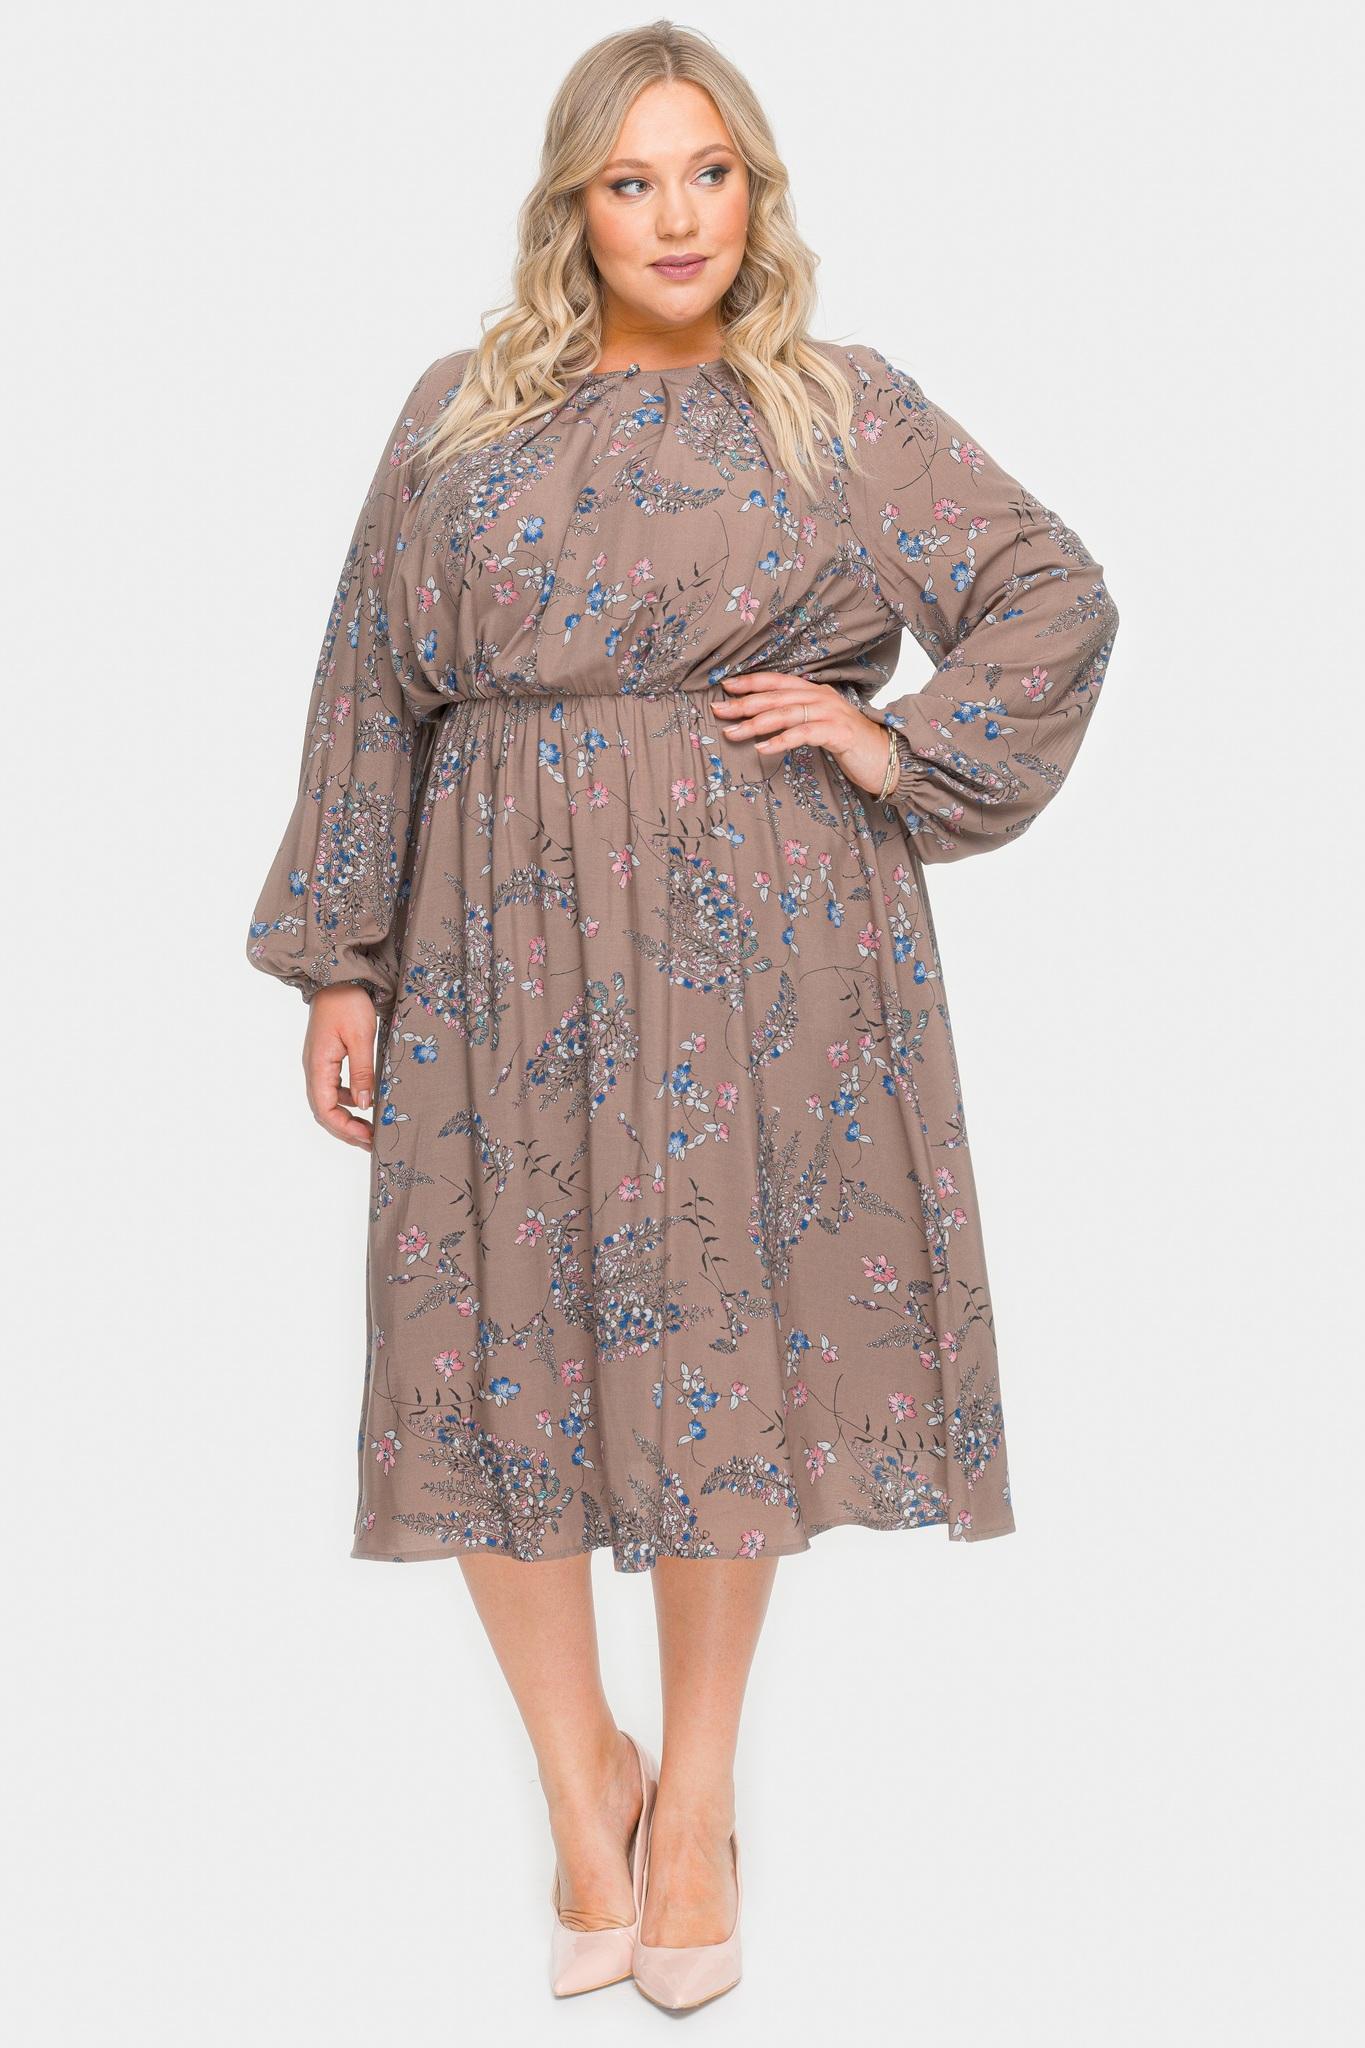 Платья Платье из штапеля 1924501 4fb0ec13b638bbe1d1b51feaf128c128.jpg